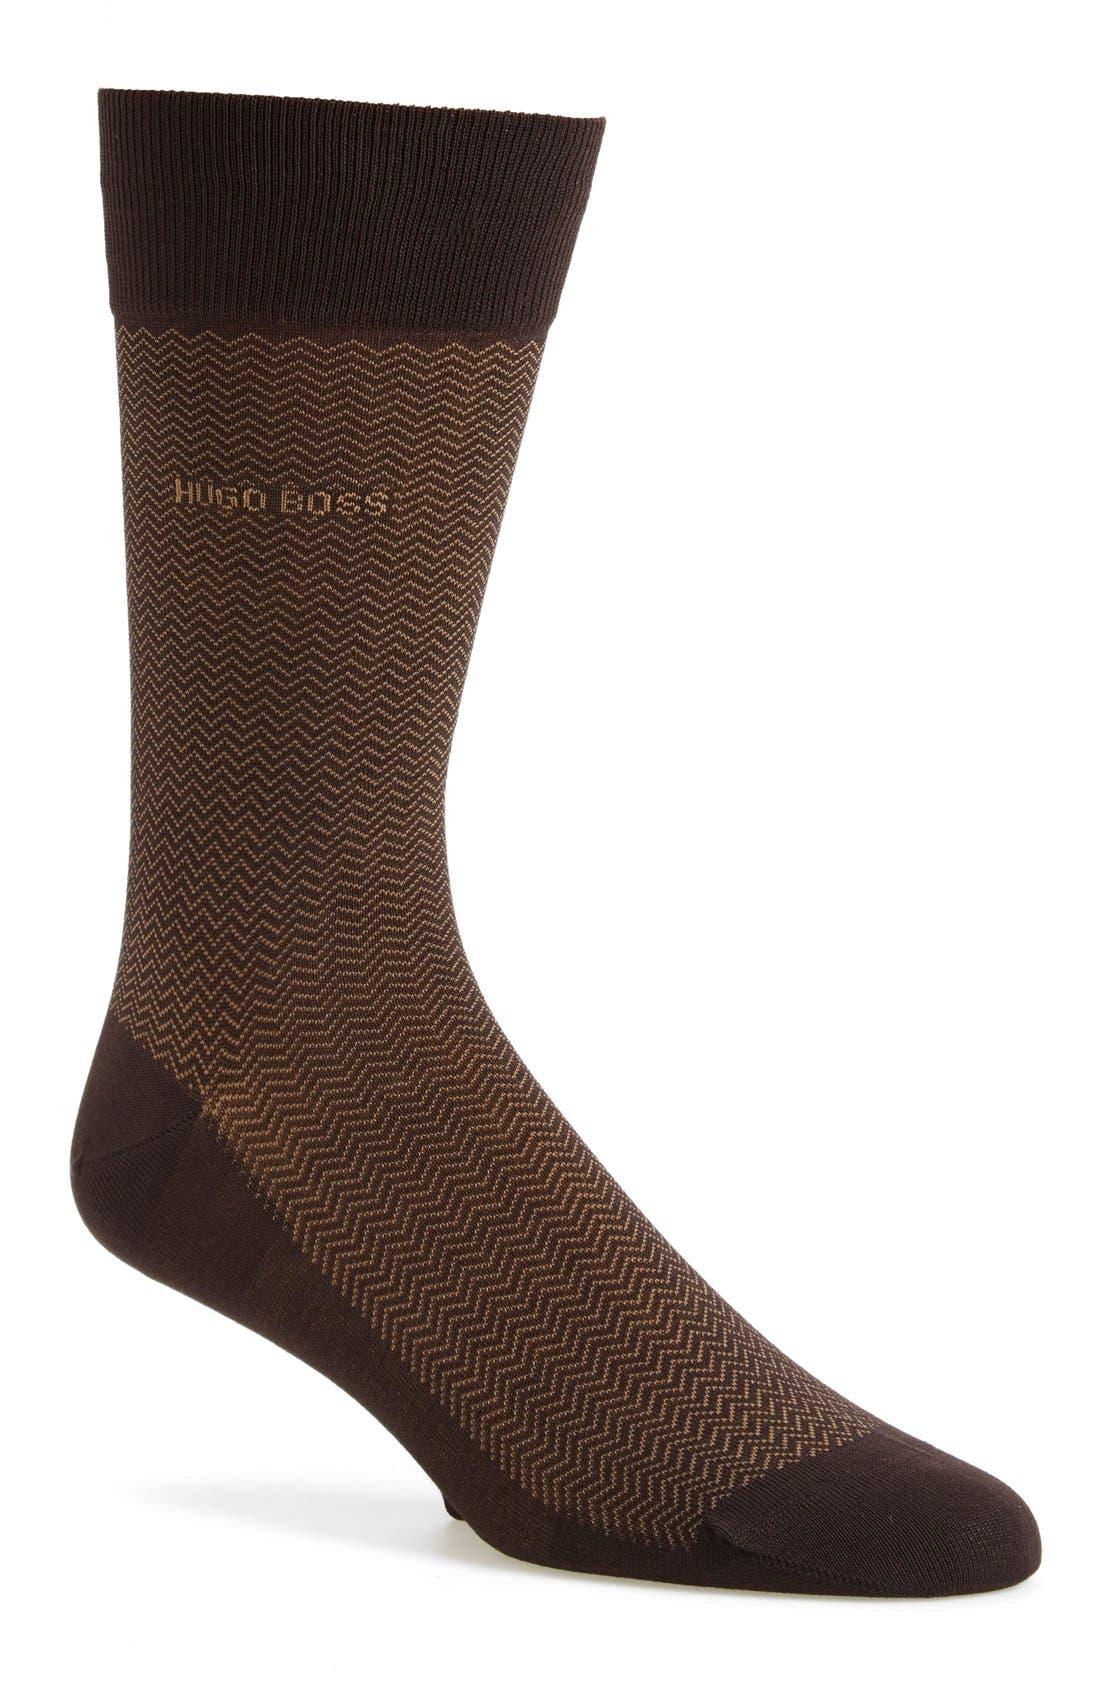 Alternate Image 1 Selected - BOSS 'David' Herringbone Socks